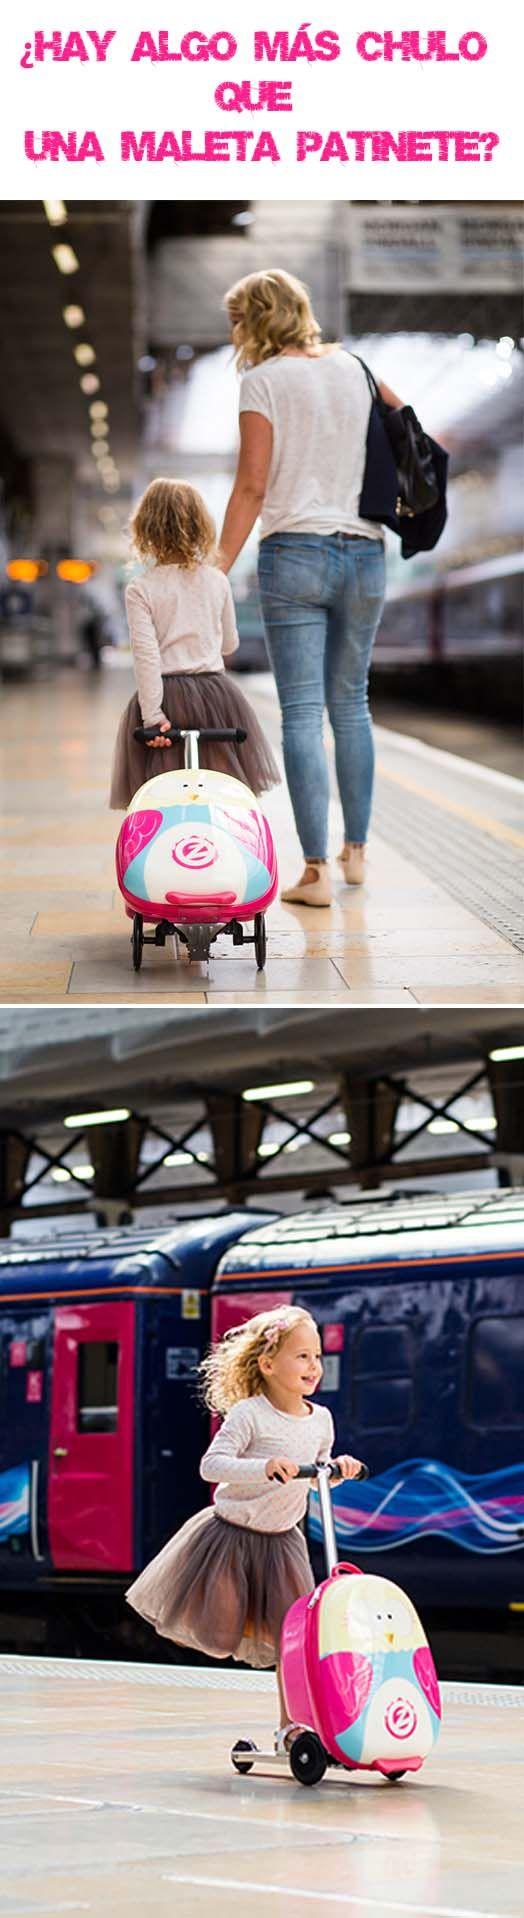 ¡Qué chulada! Este finde estrenamos nuestra maleta patinete. Y tú, ¿te vas de viaje el finde? #viajes #viajar #maleta #niños #imaginarium